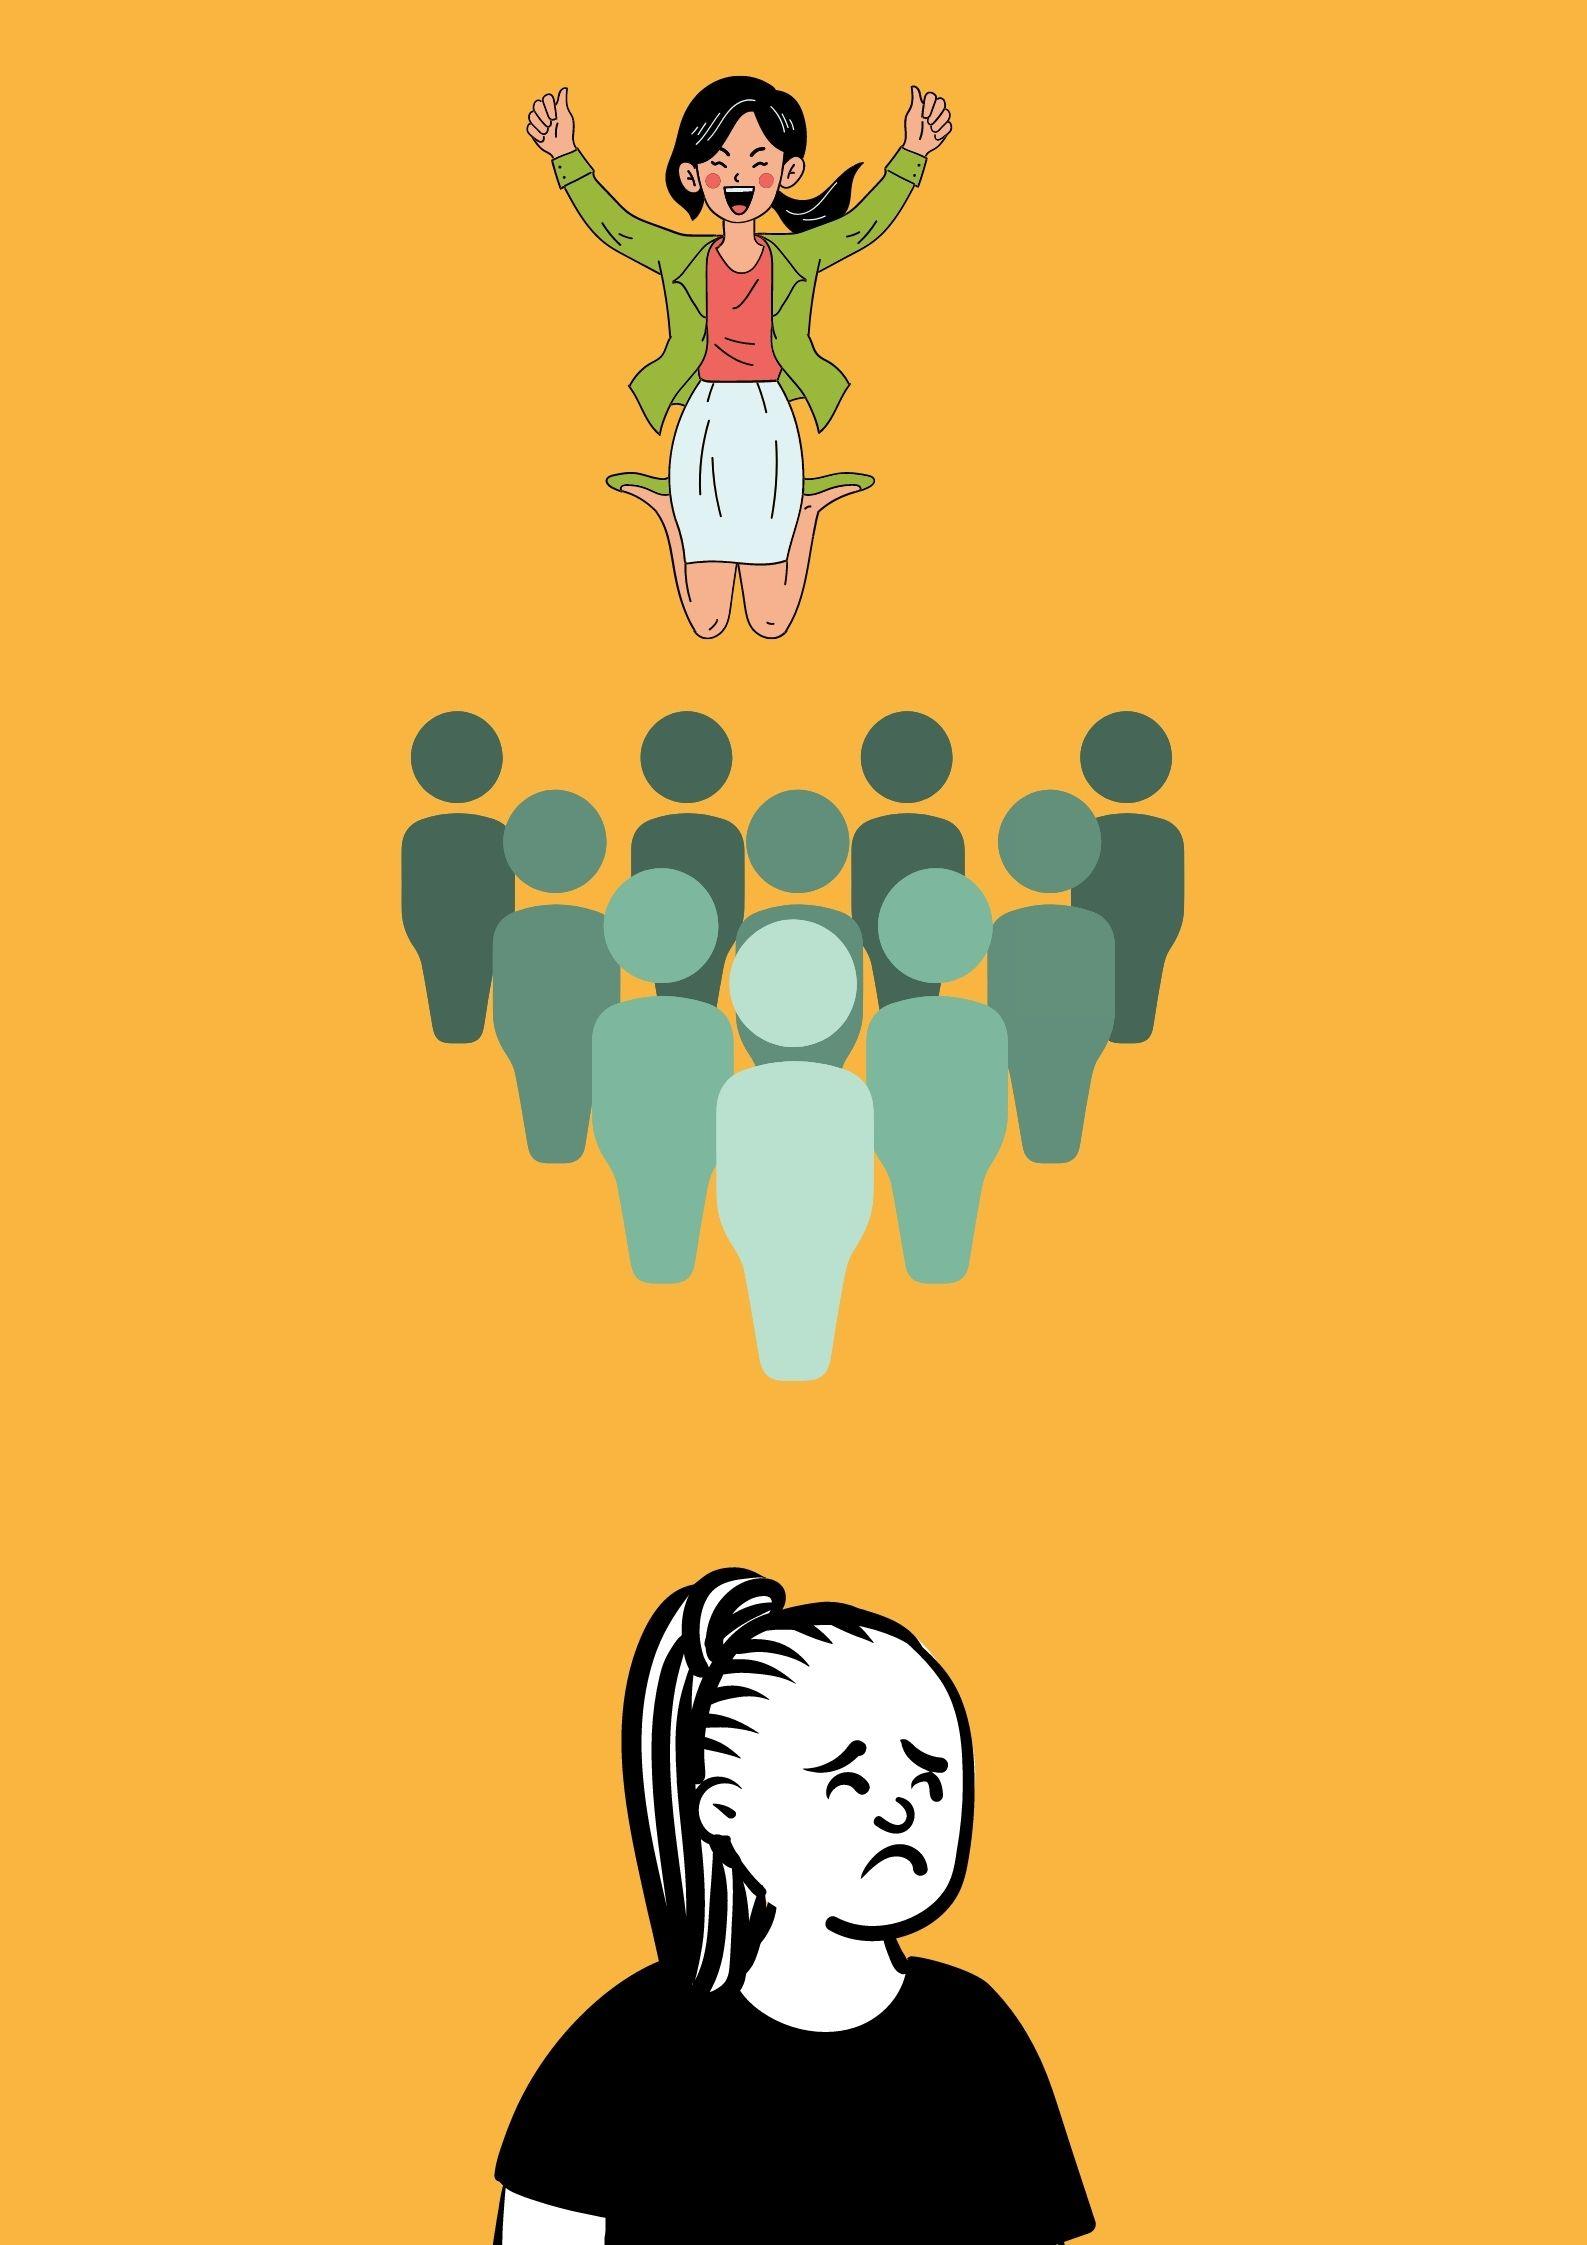 Ilustrasi dari makna peribahasa强颜欢笑dibacaqiǎng yán huān xiàoyang sering dijumpai dalam kehidupan bermasyarakat. Sumber: Dokumentasi Penulis